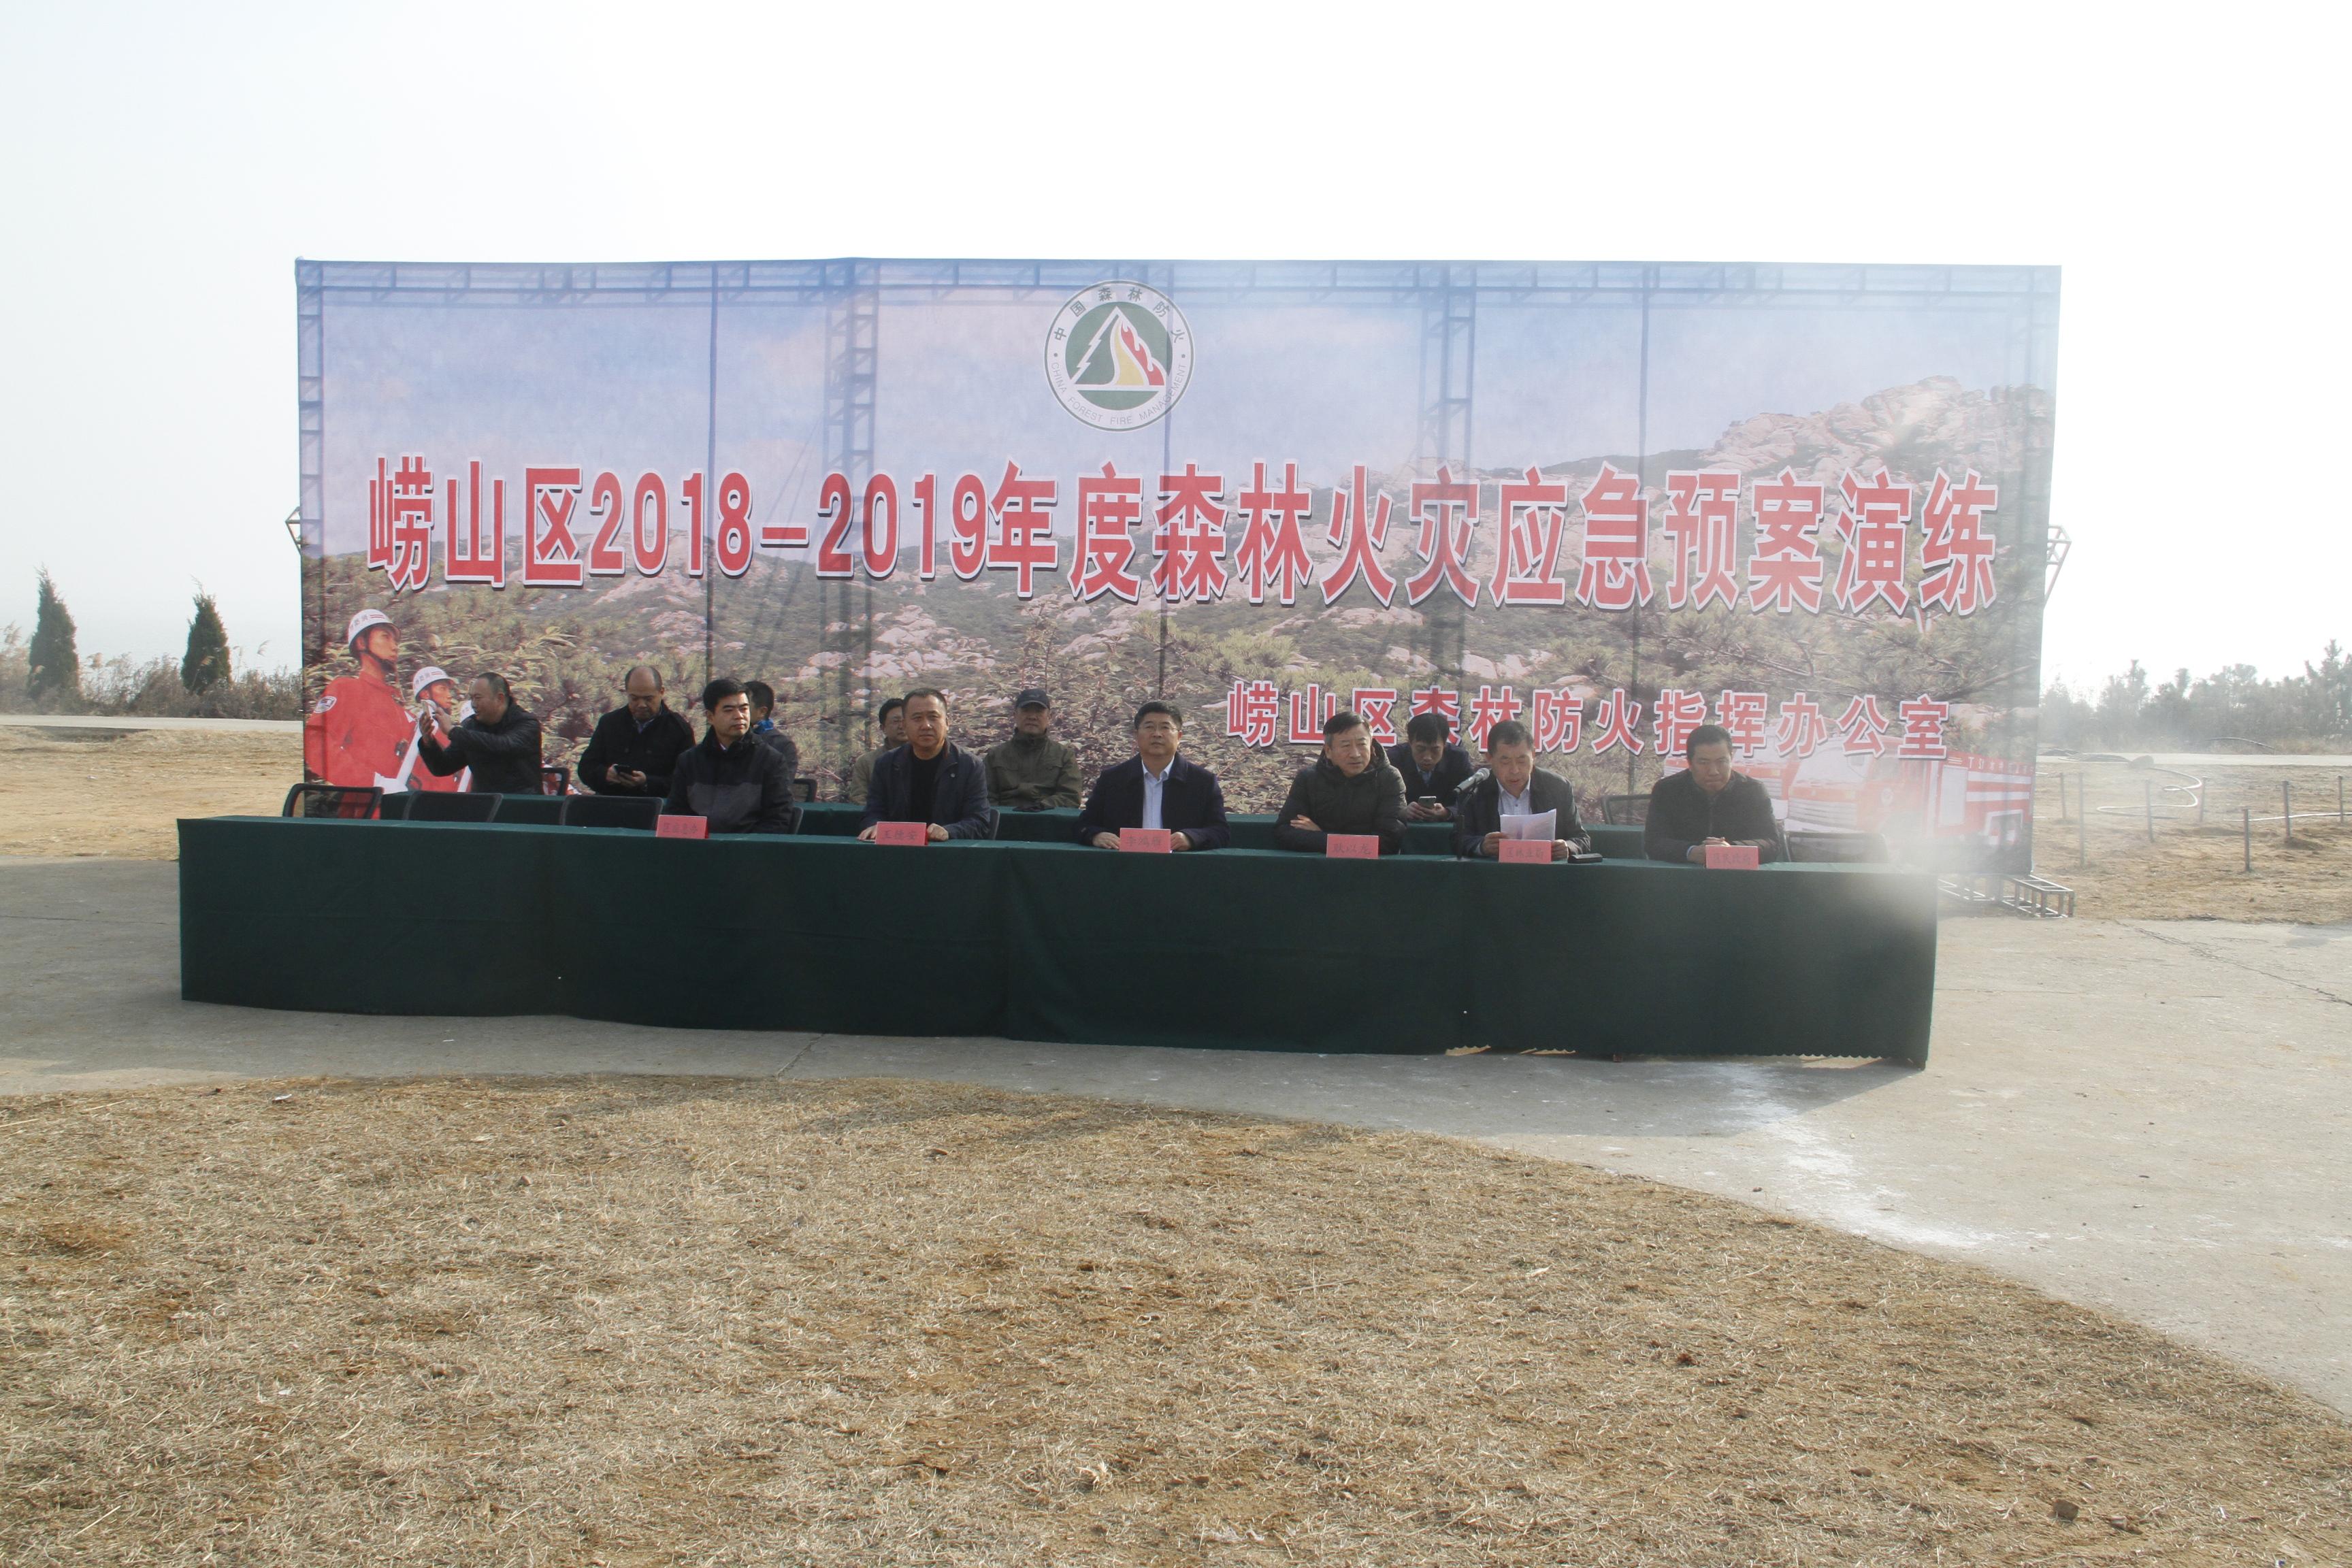 青岛崂山举办森林火灾扑救应急预案演练